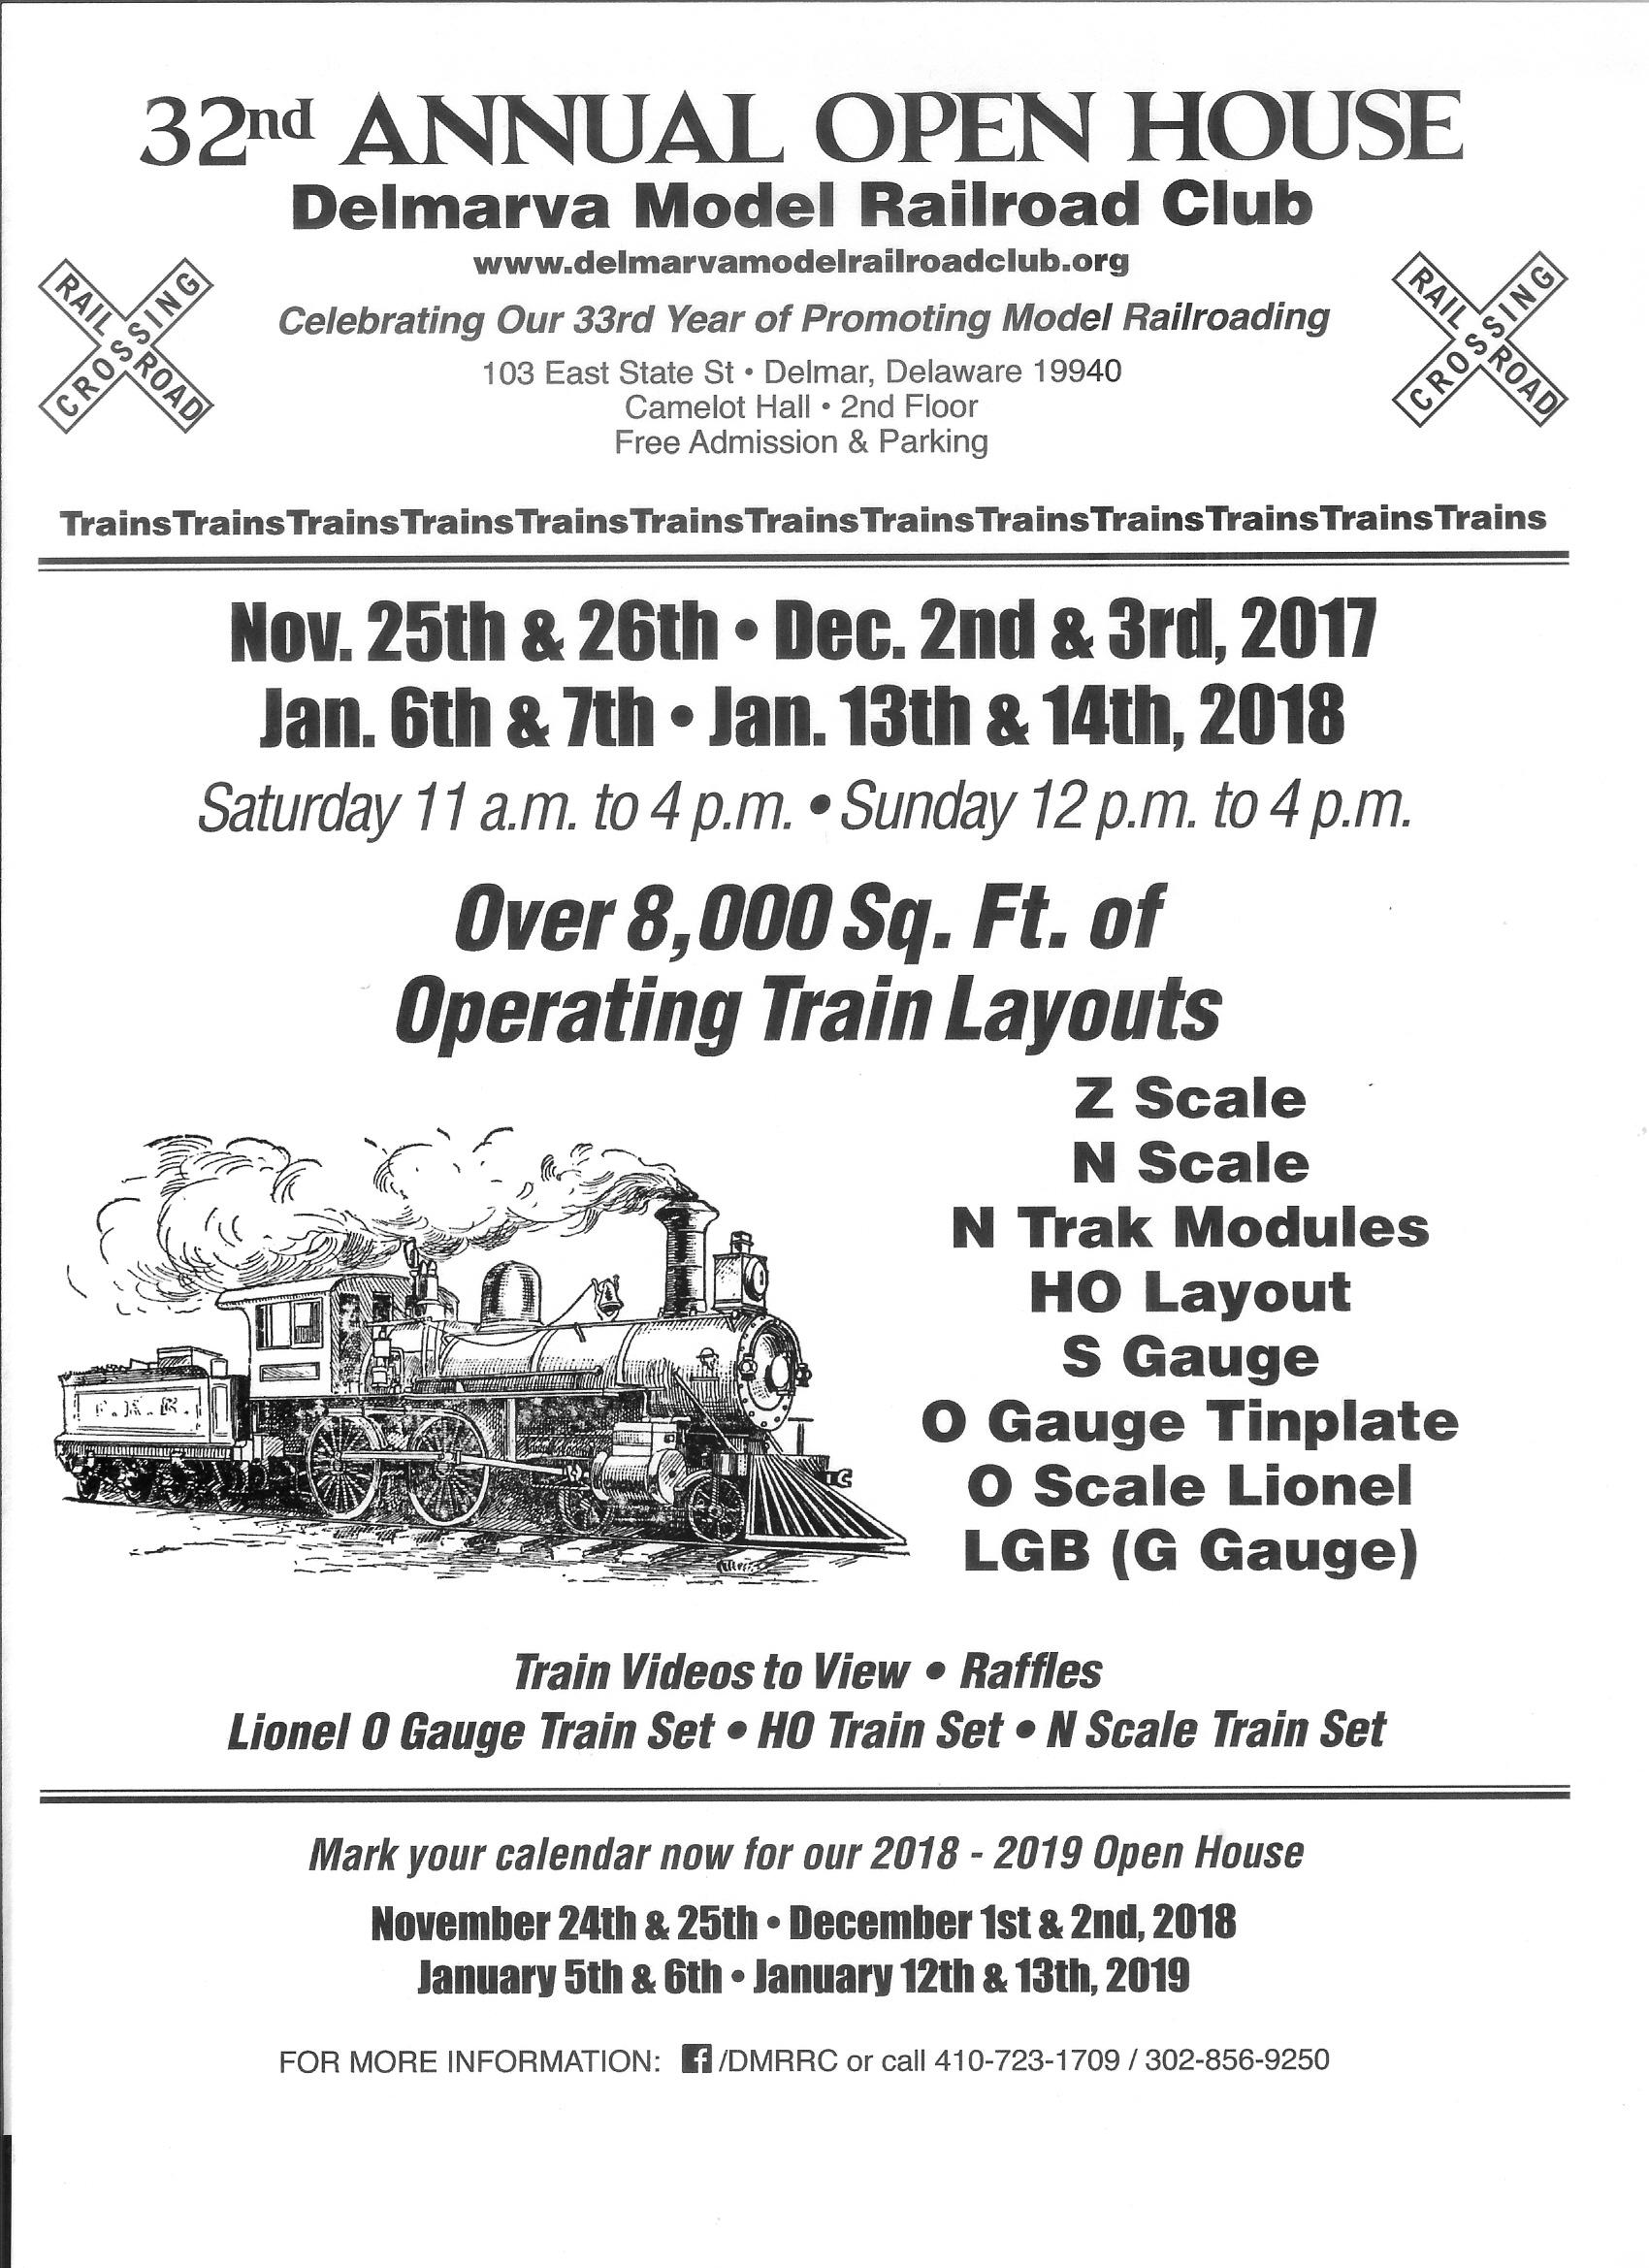 Delmarva Model Railroad Club 32th Annual Holiday Open House